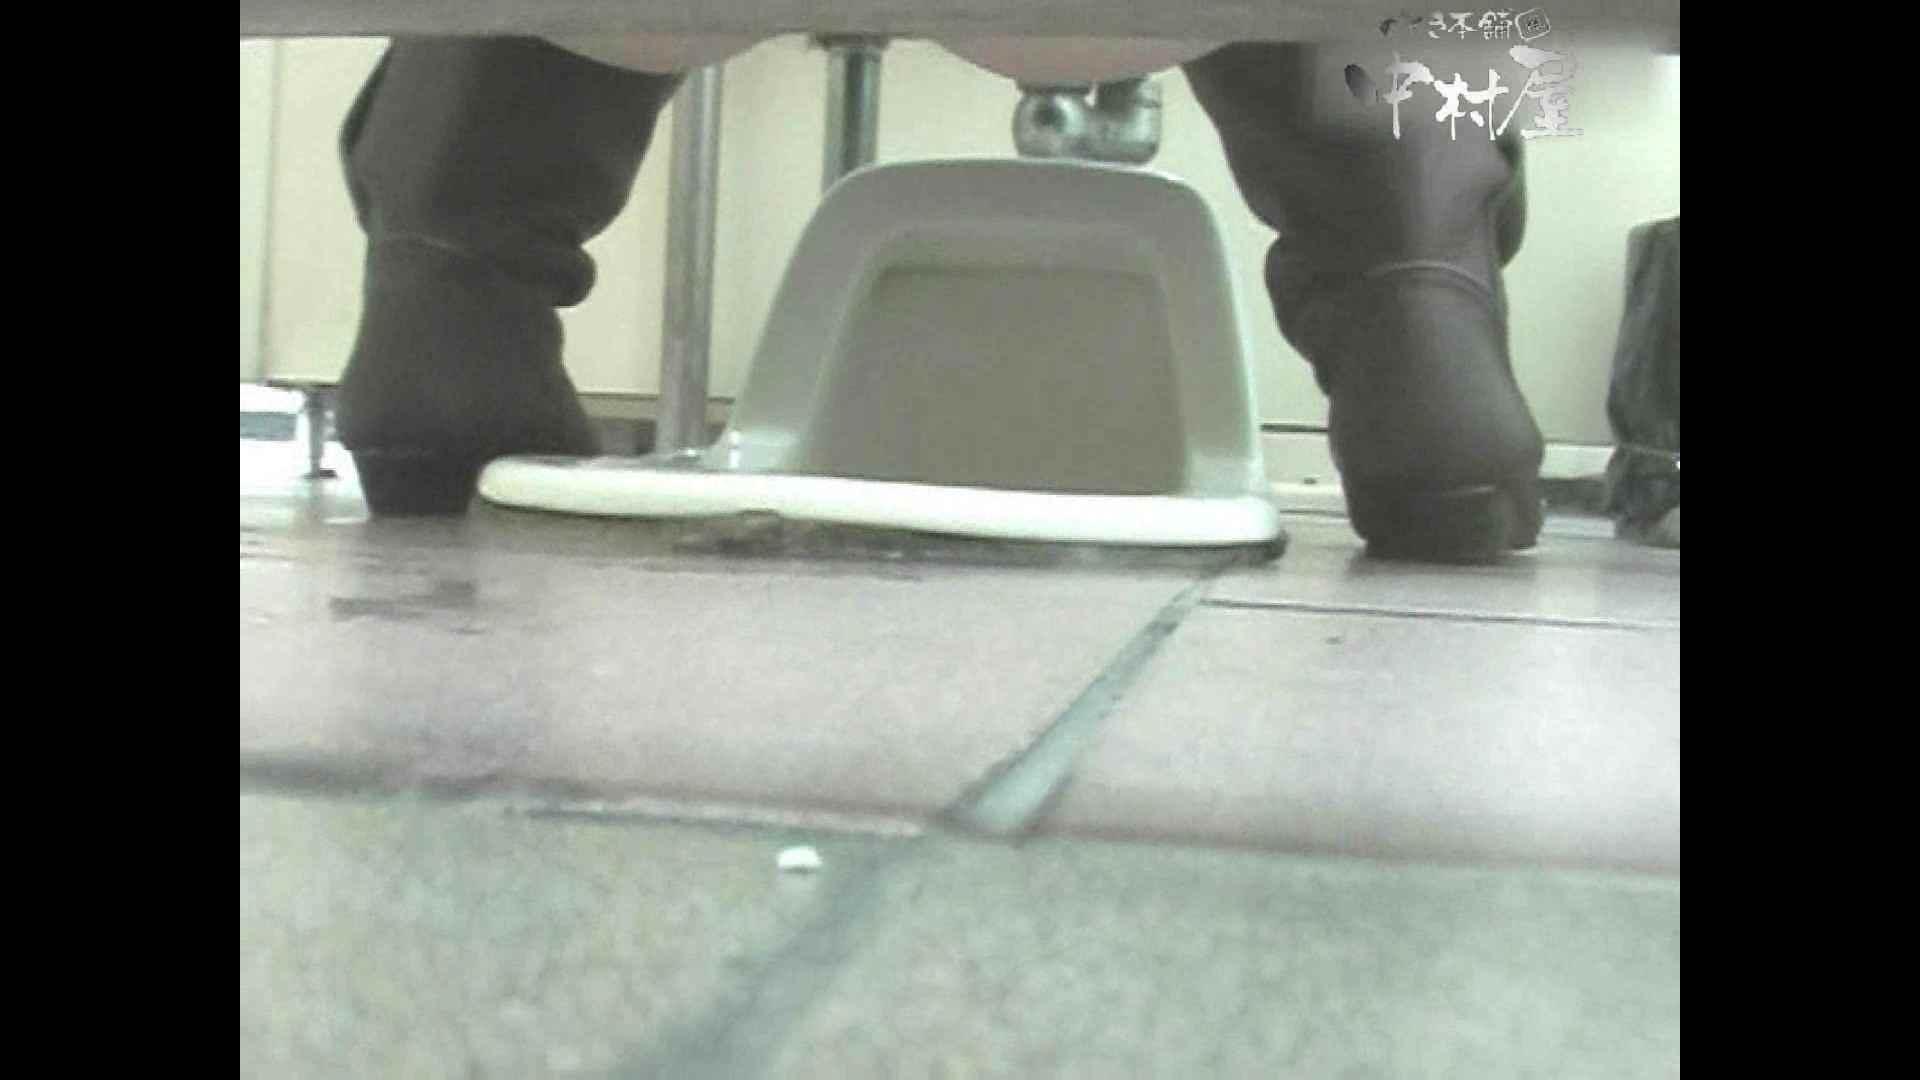 岩手県在住盗撮師盗撮記録vol.36 盗撮師作品 AV動画キャプチャ 95pic 67